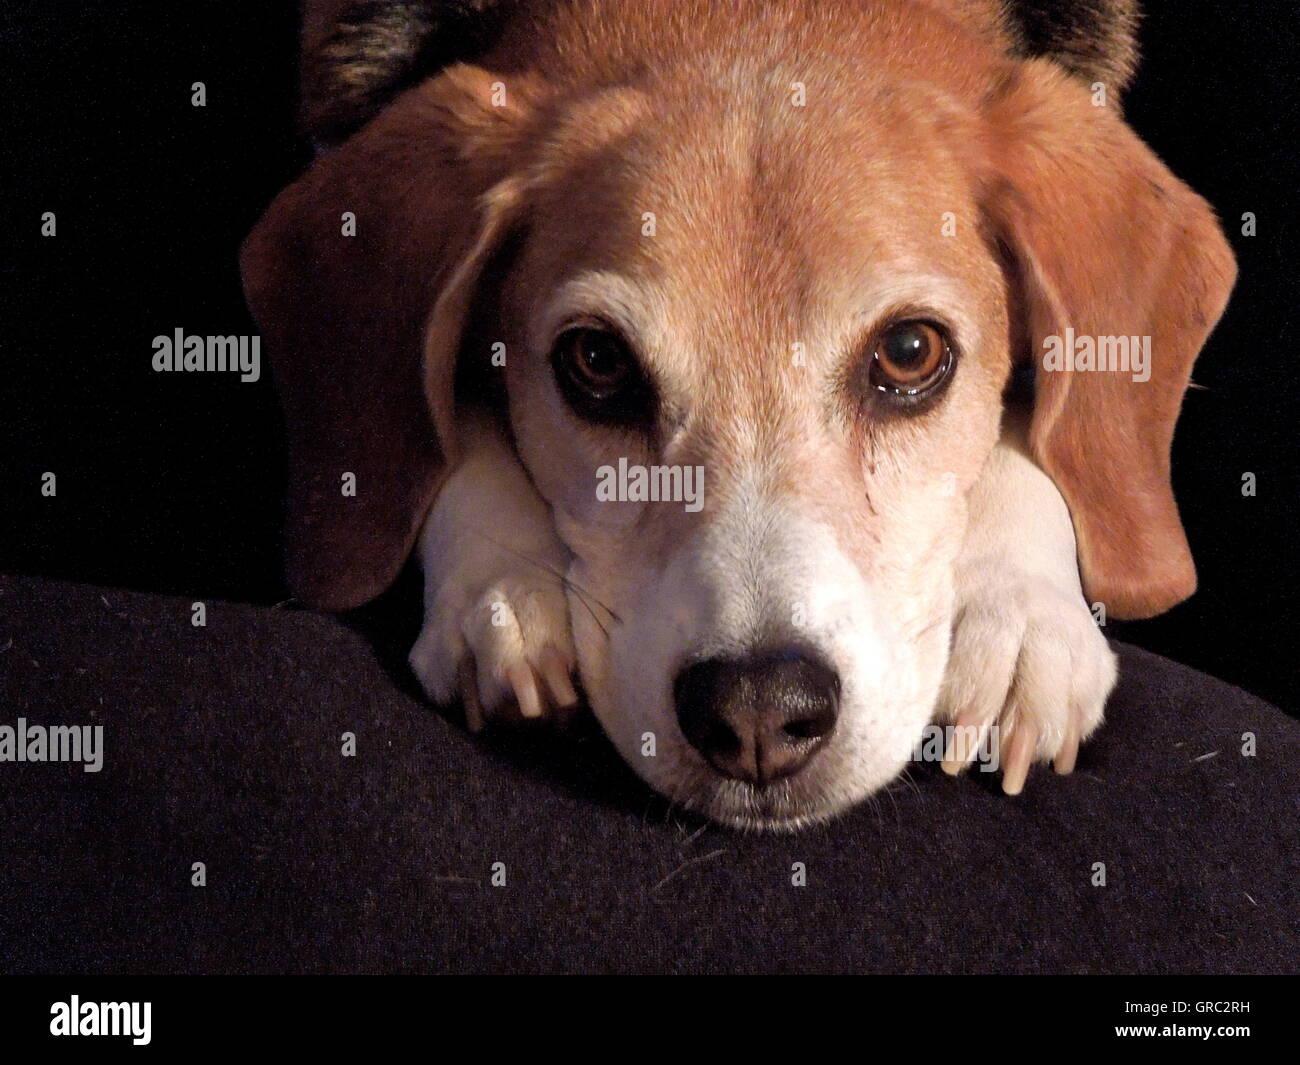 Loyal Beagle Looking At His Master - Stock Image